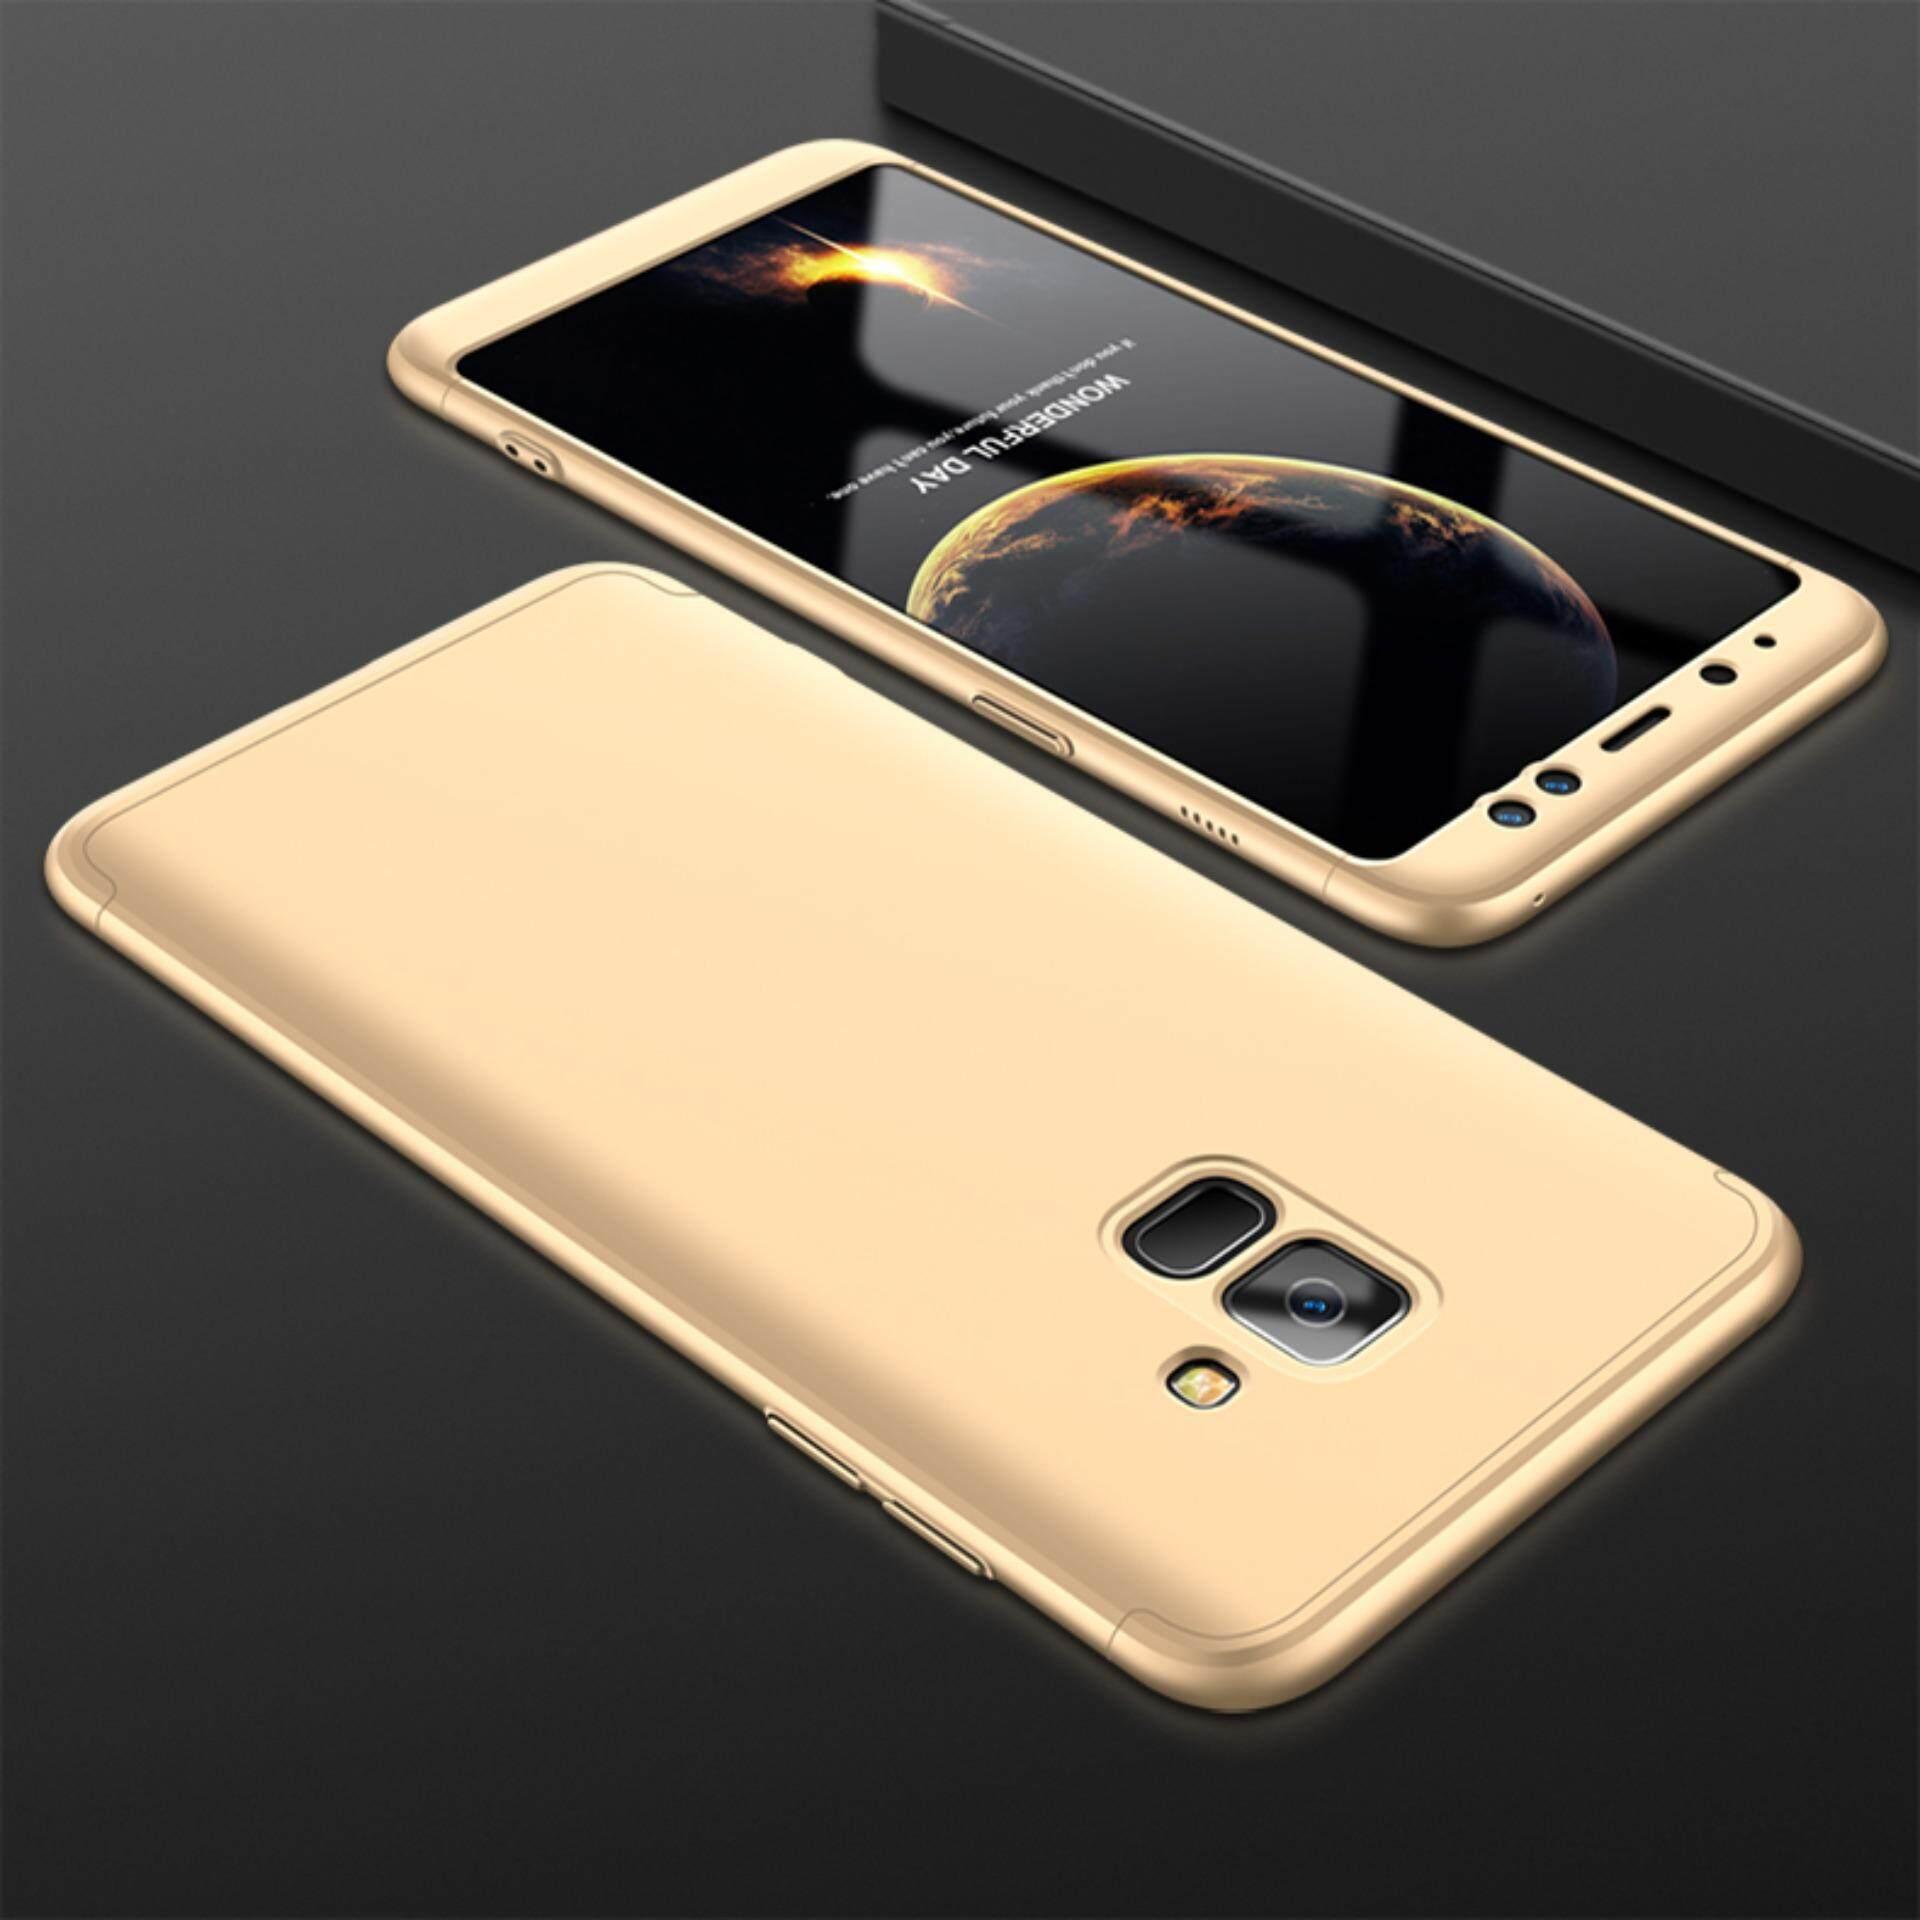 360 Derajat Penuh Sarung 3in1 Kombo Telepon Case untuk Samsung Galaksi A8 Plus (2018)